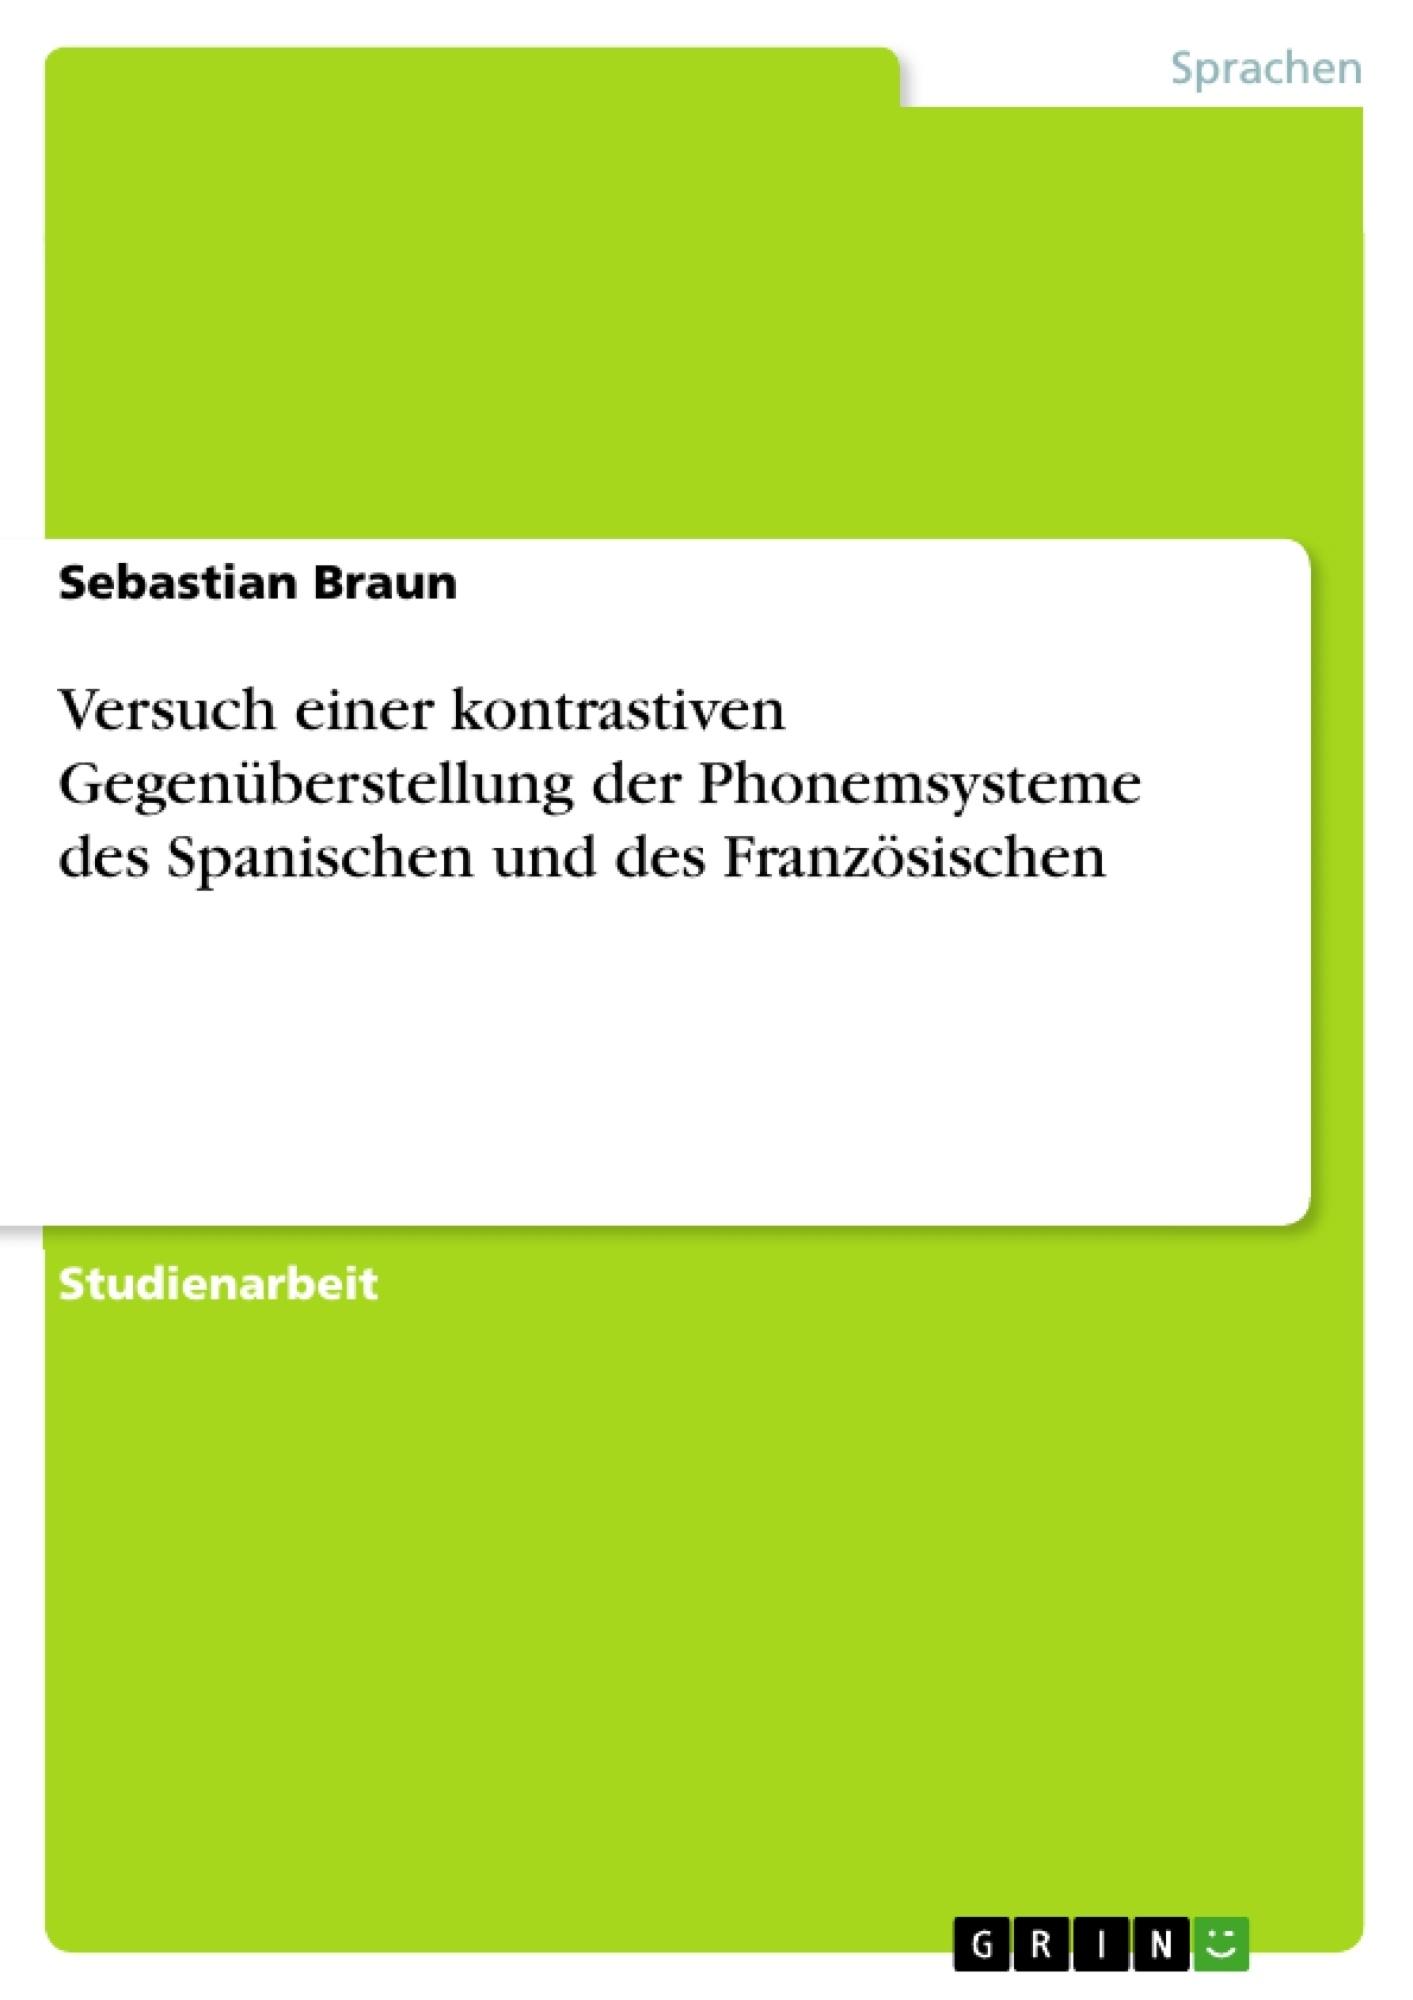 Titel: Versuch einer kontrastiven Gegenüberstellung der Phonemsysteme des Spanischen und des Französischen